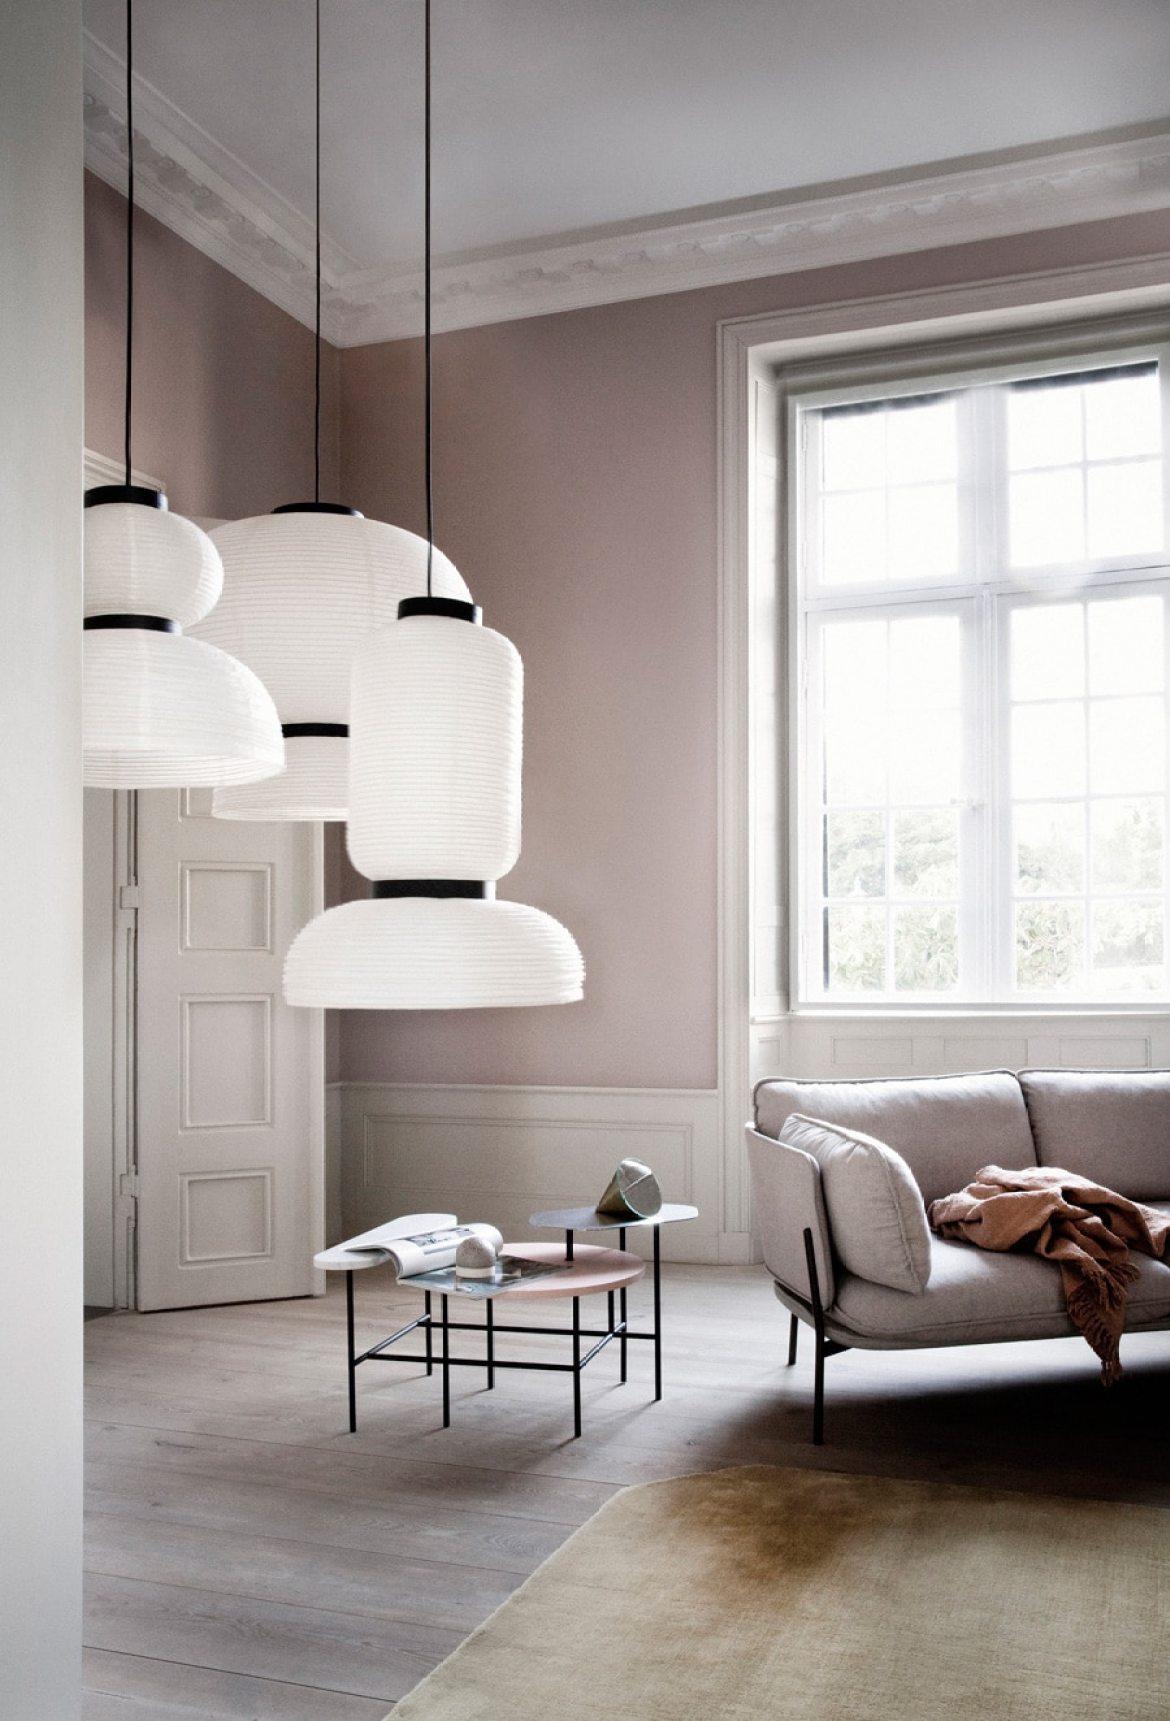 Designermöbel und Designerlampen von Jaime-Hayon